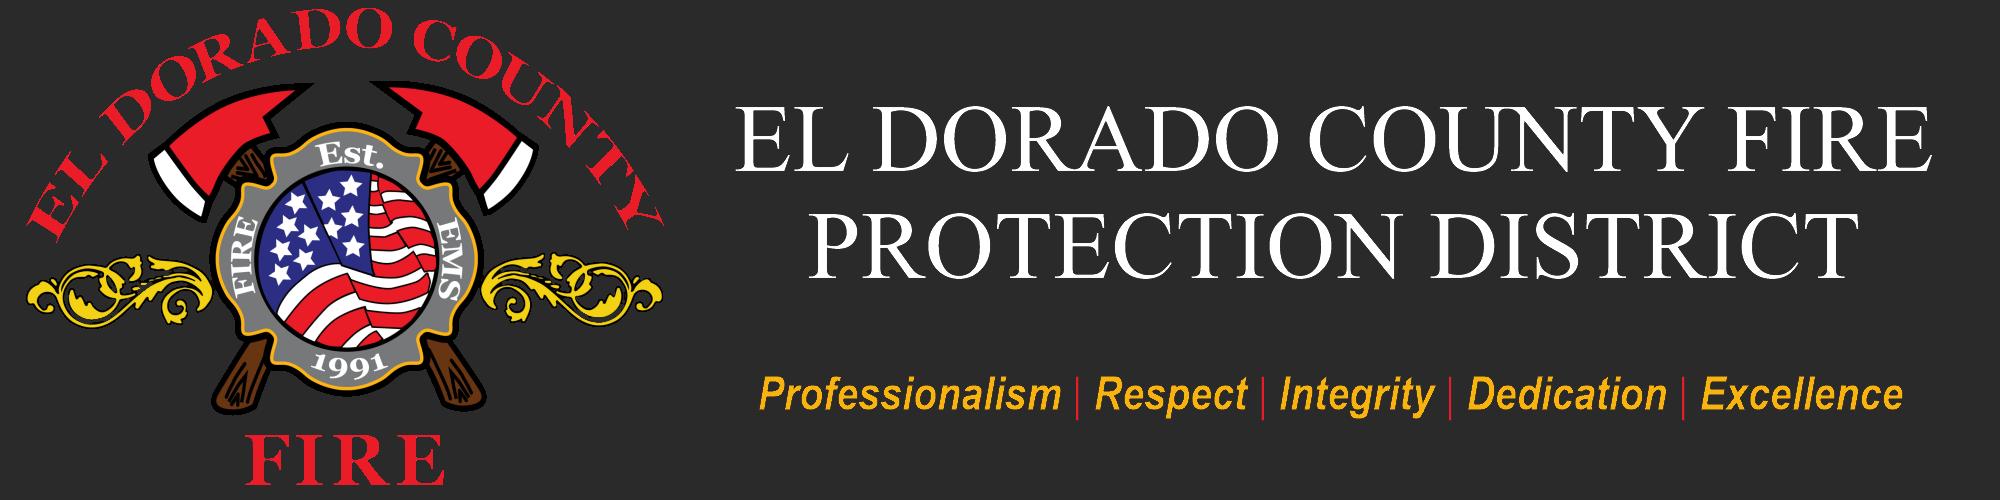 El Dorado County Fire Protection District